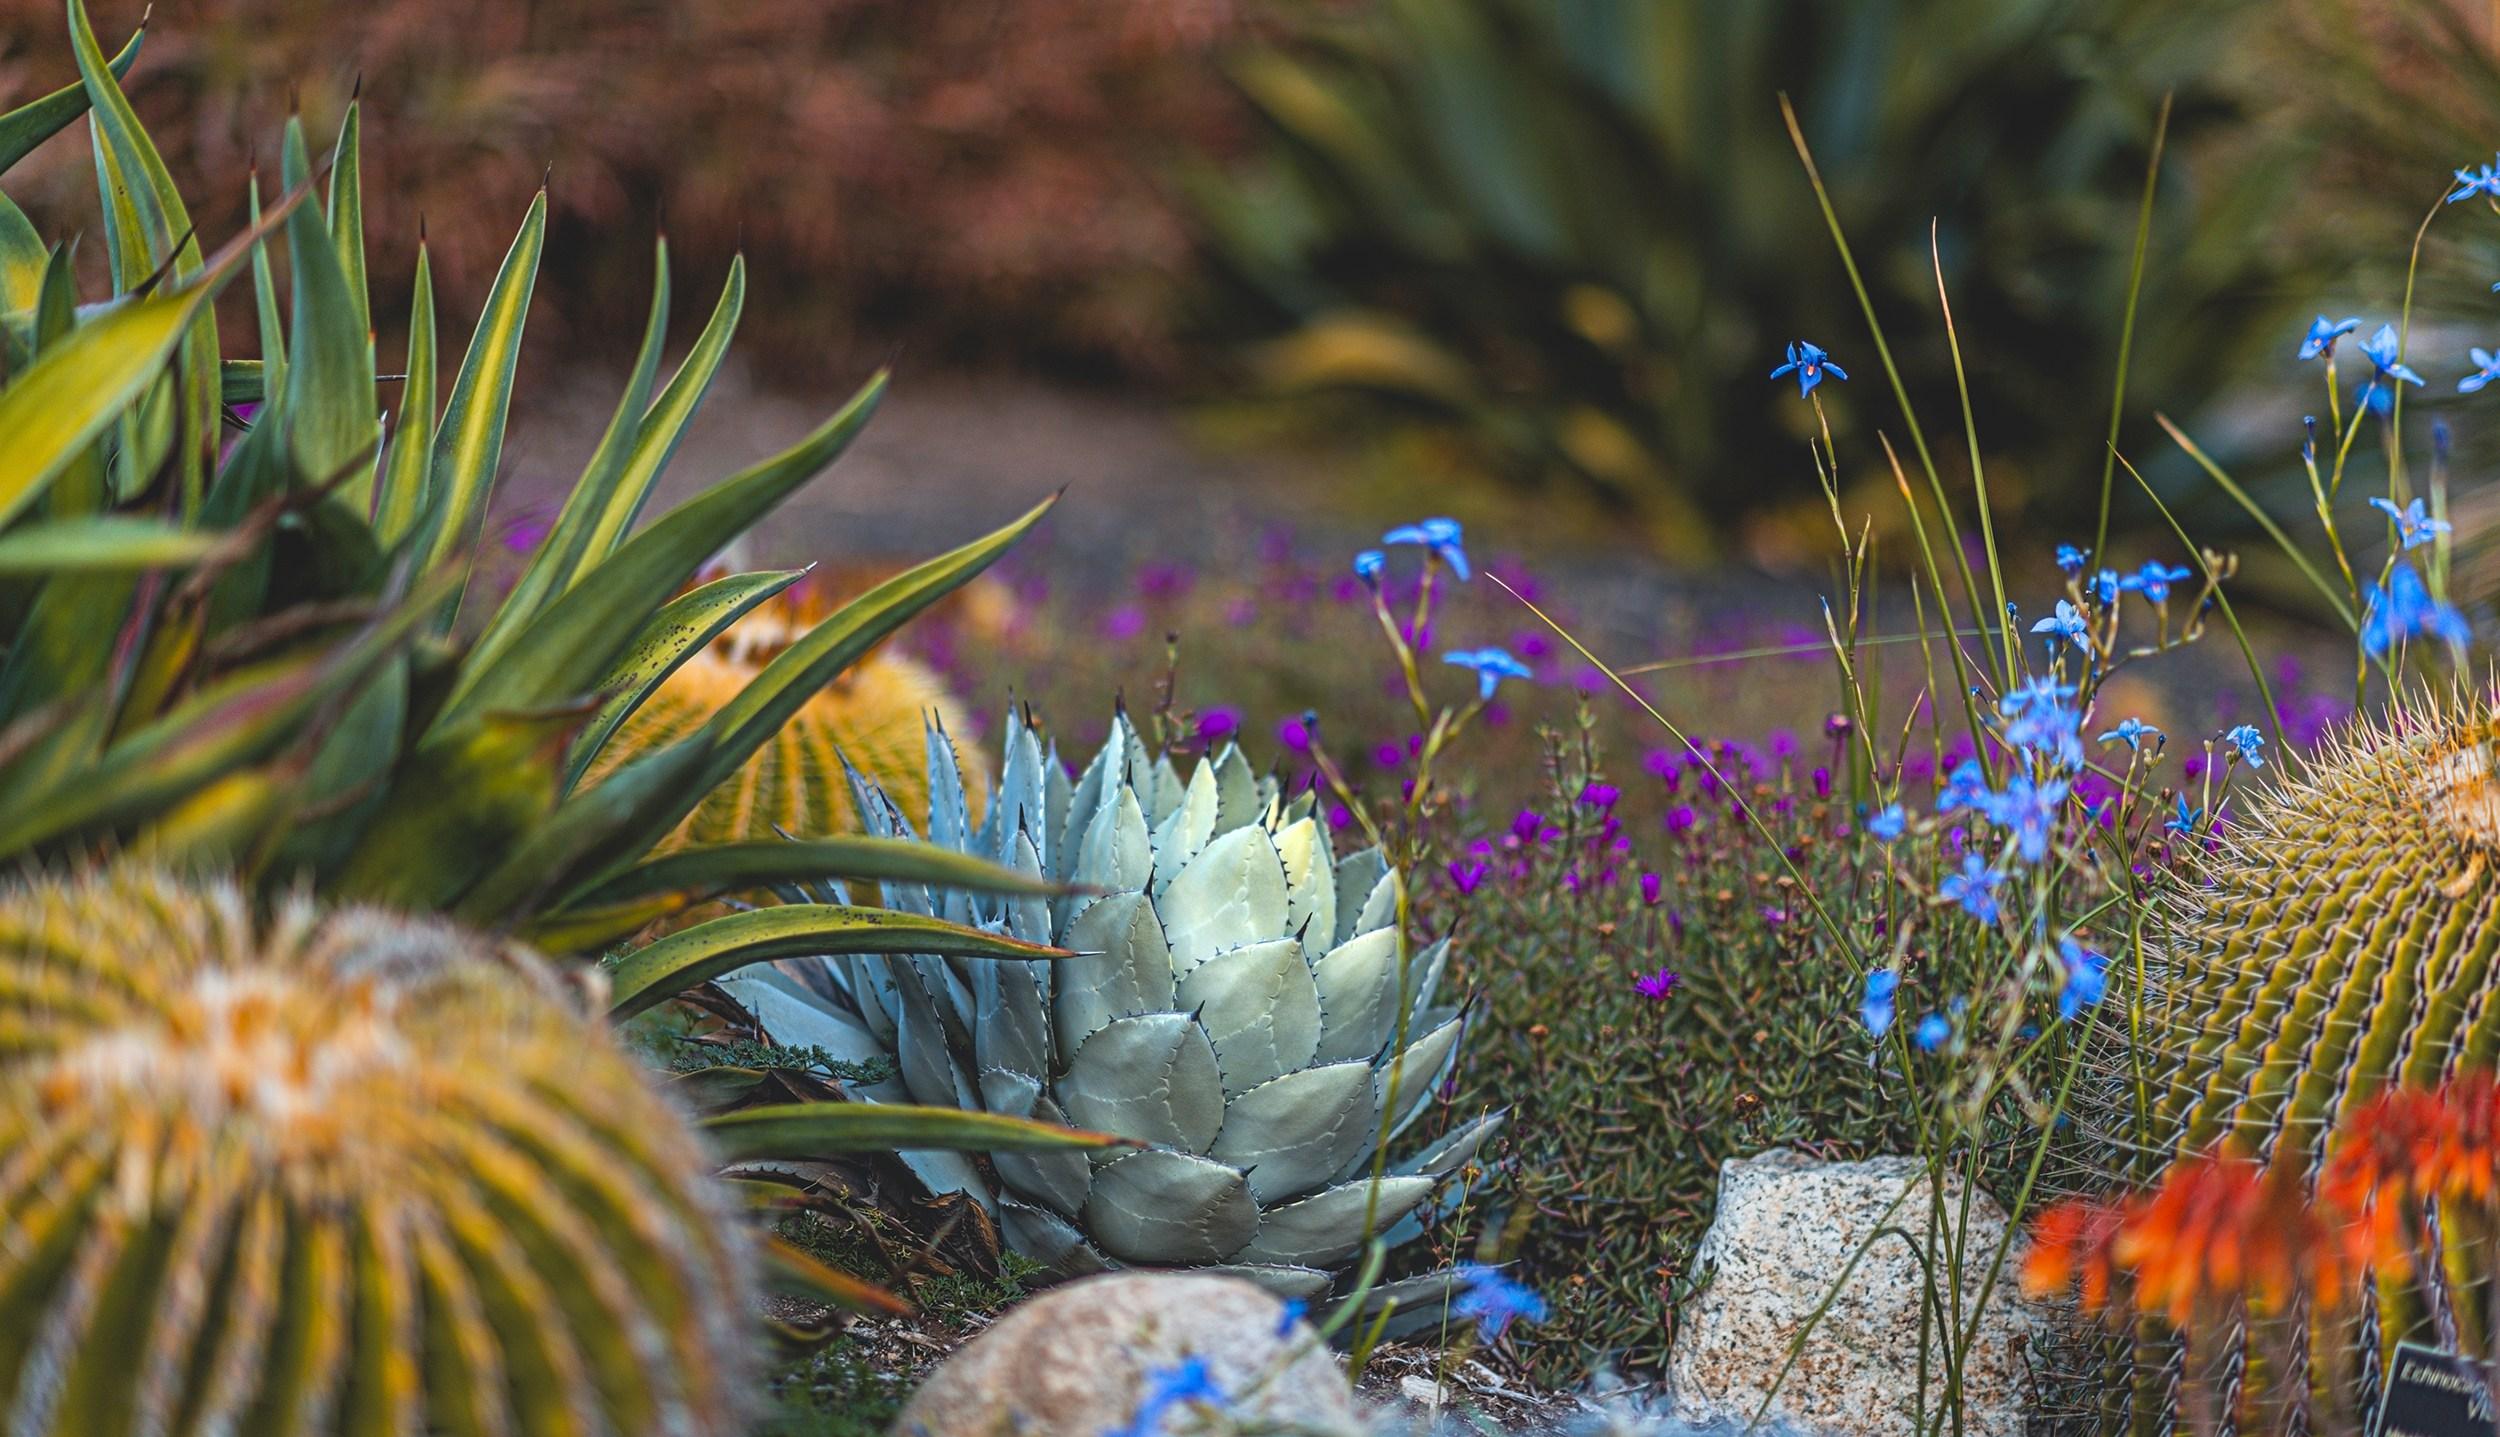 Desert Garden Desktop Wallpaper Happy New Year 2020 Nainaco 2500x1437